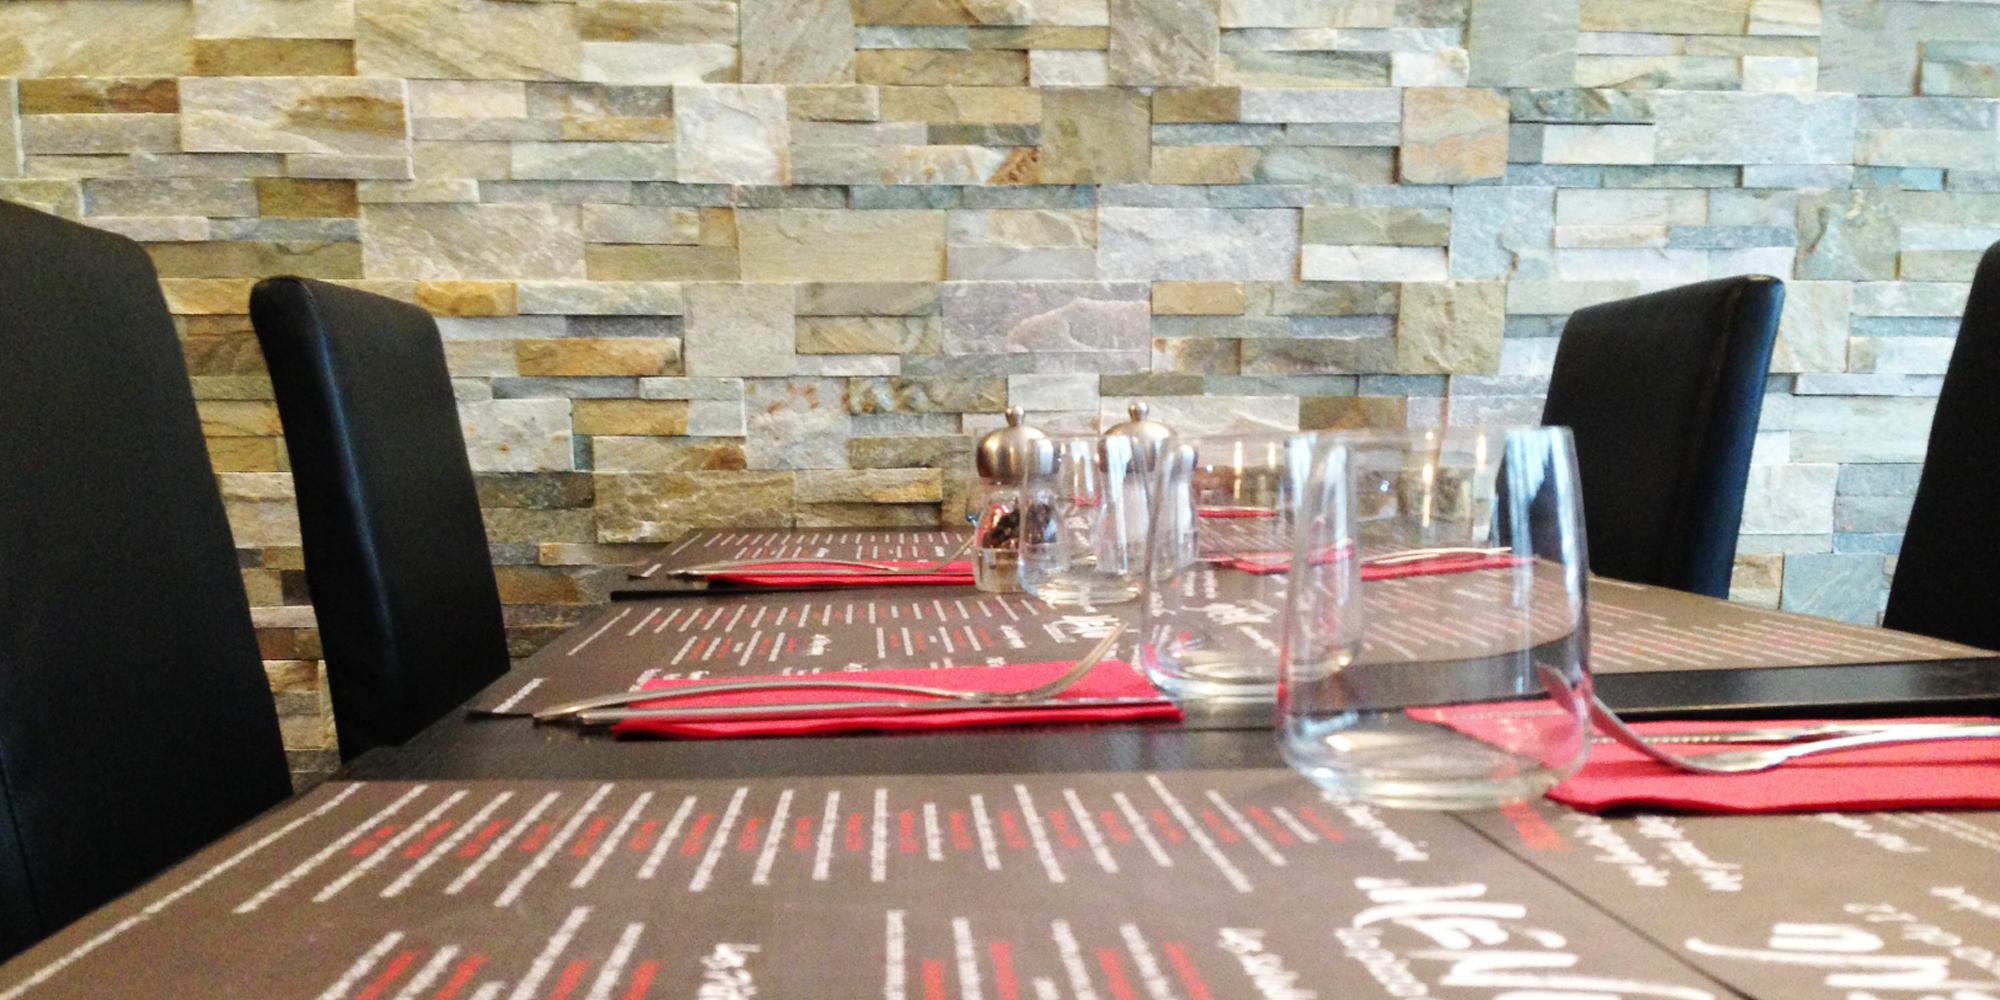 brunch la pizza du 12 75012 paris oubruncher. Black Bedroom Furniture Sets. Home Design Ideas